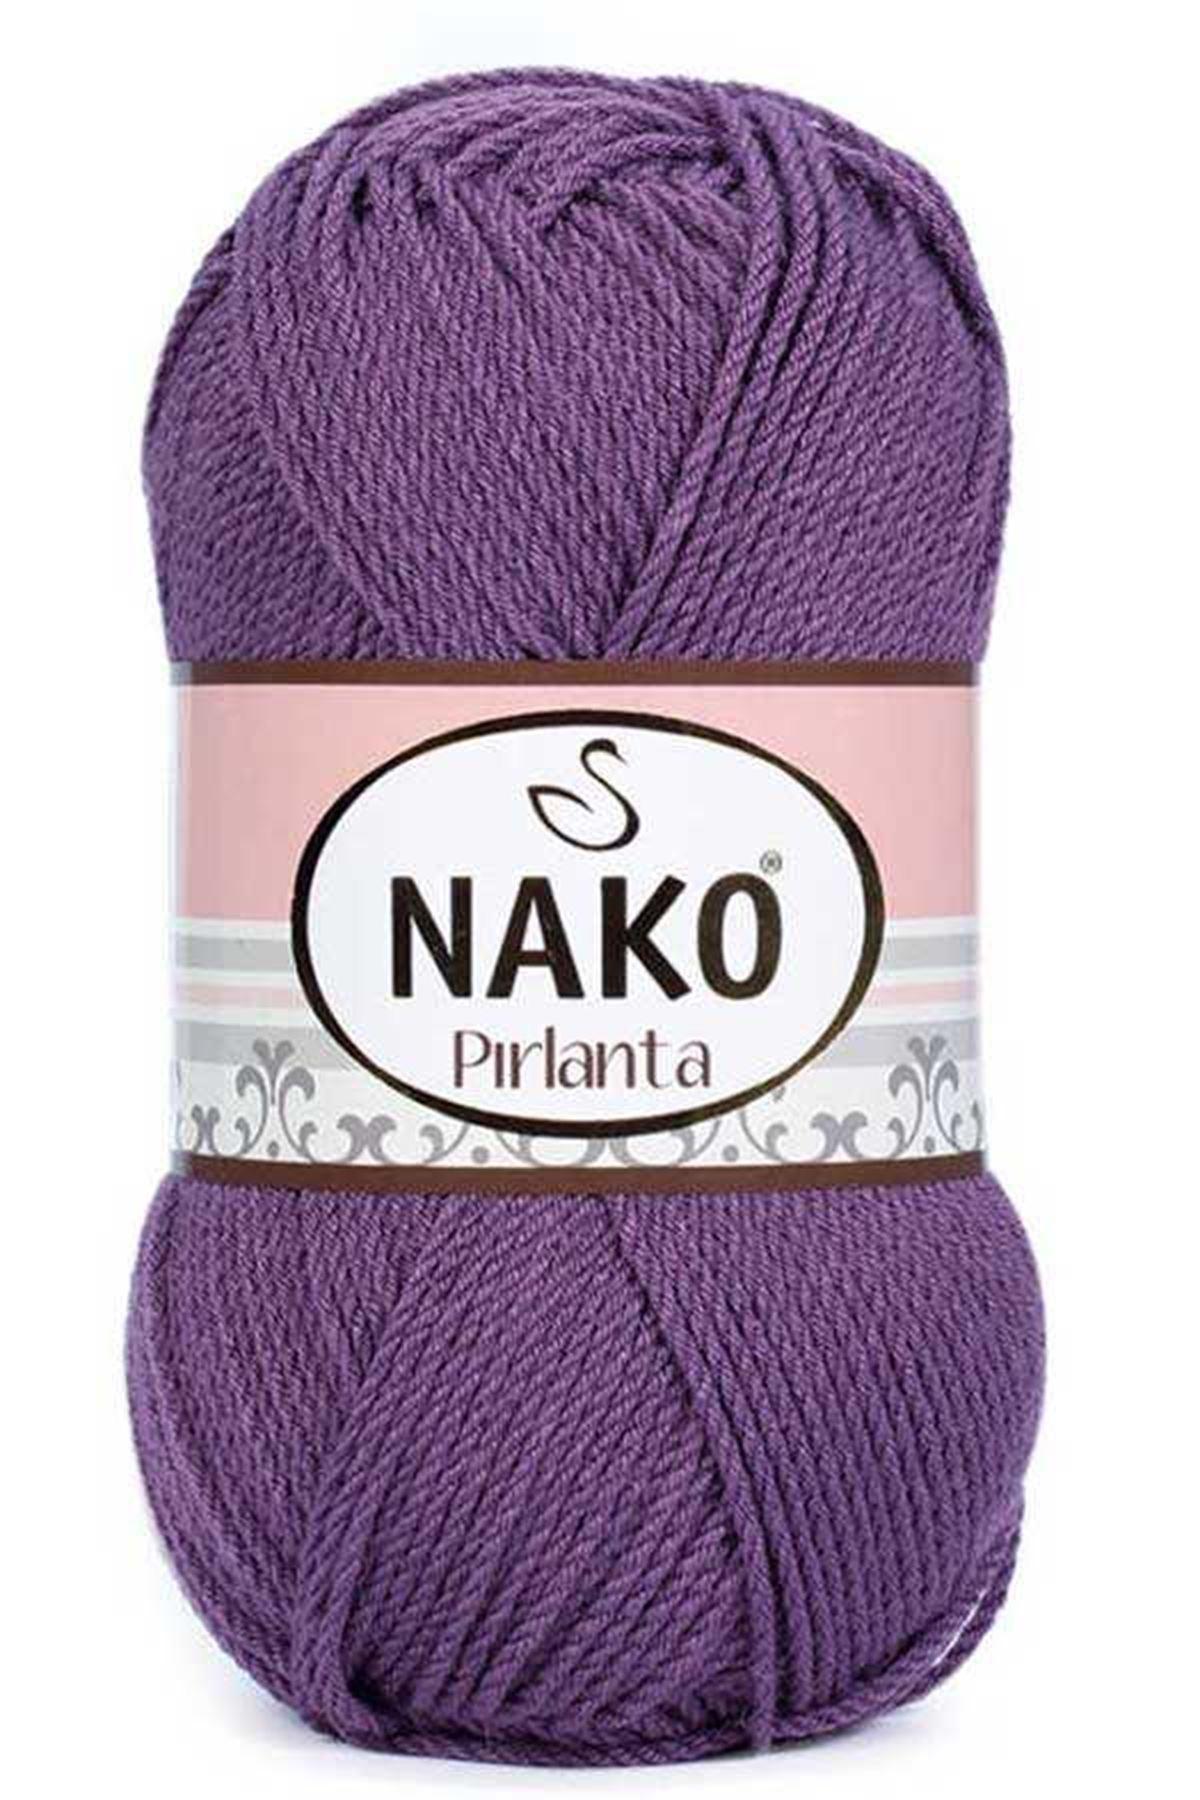 Nako Pırlanta-06684 Açık Mürdüm